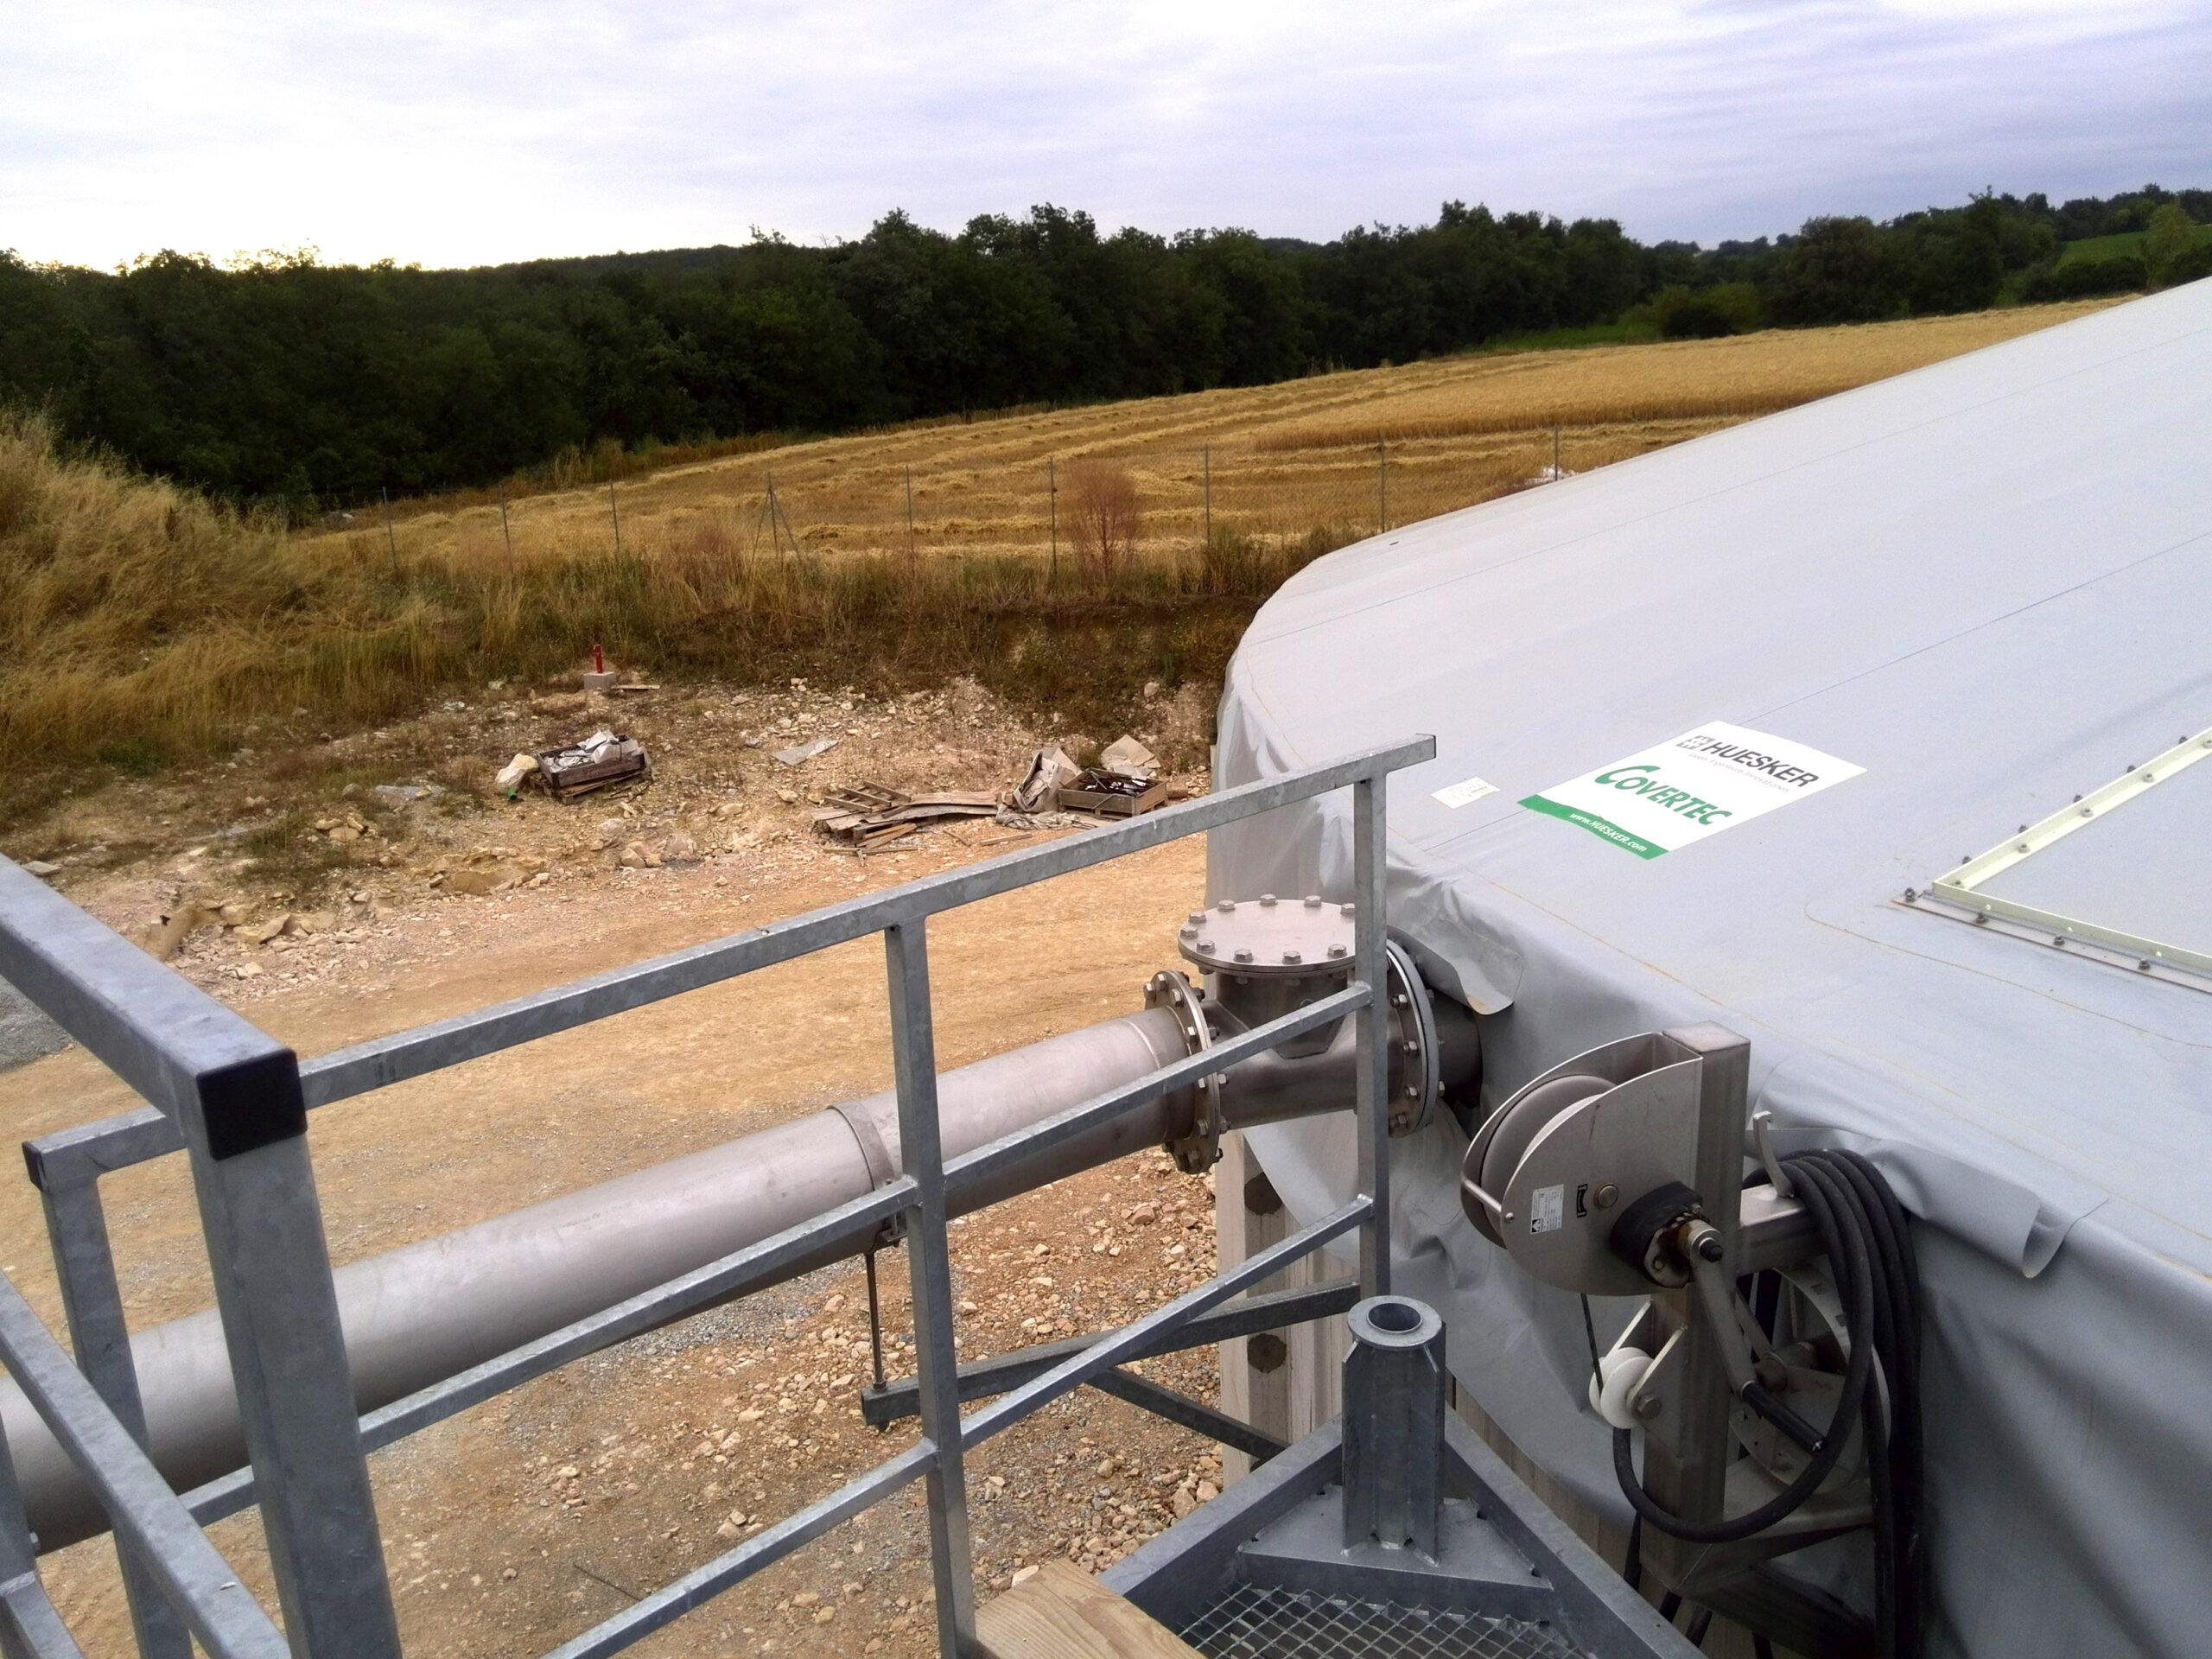 Planta-de-Biogás-Cler-Verts-INDEREN-07